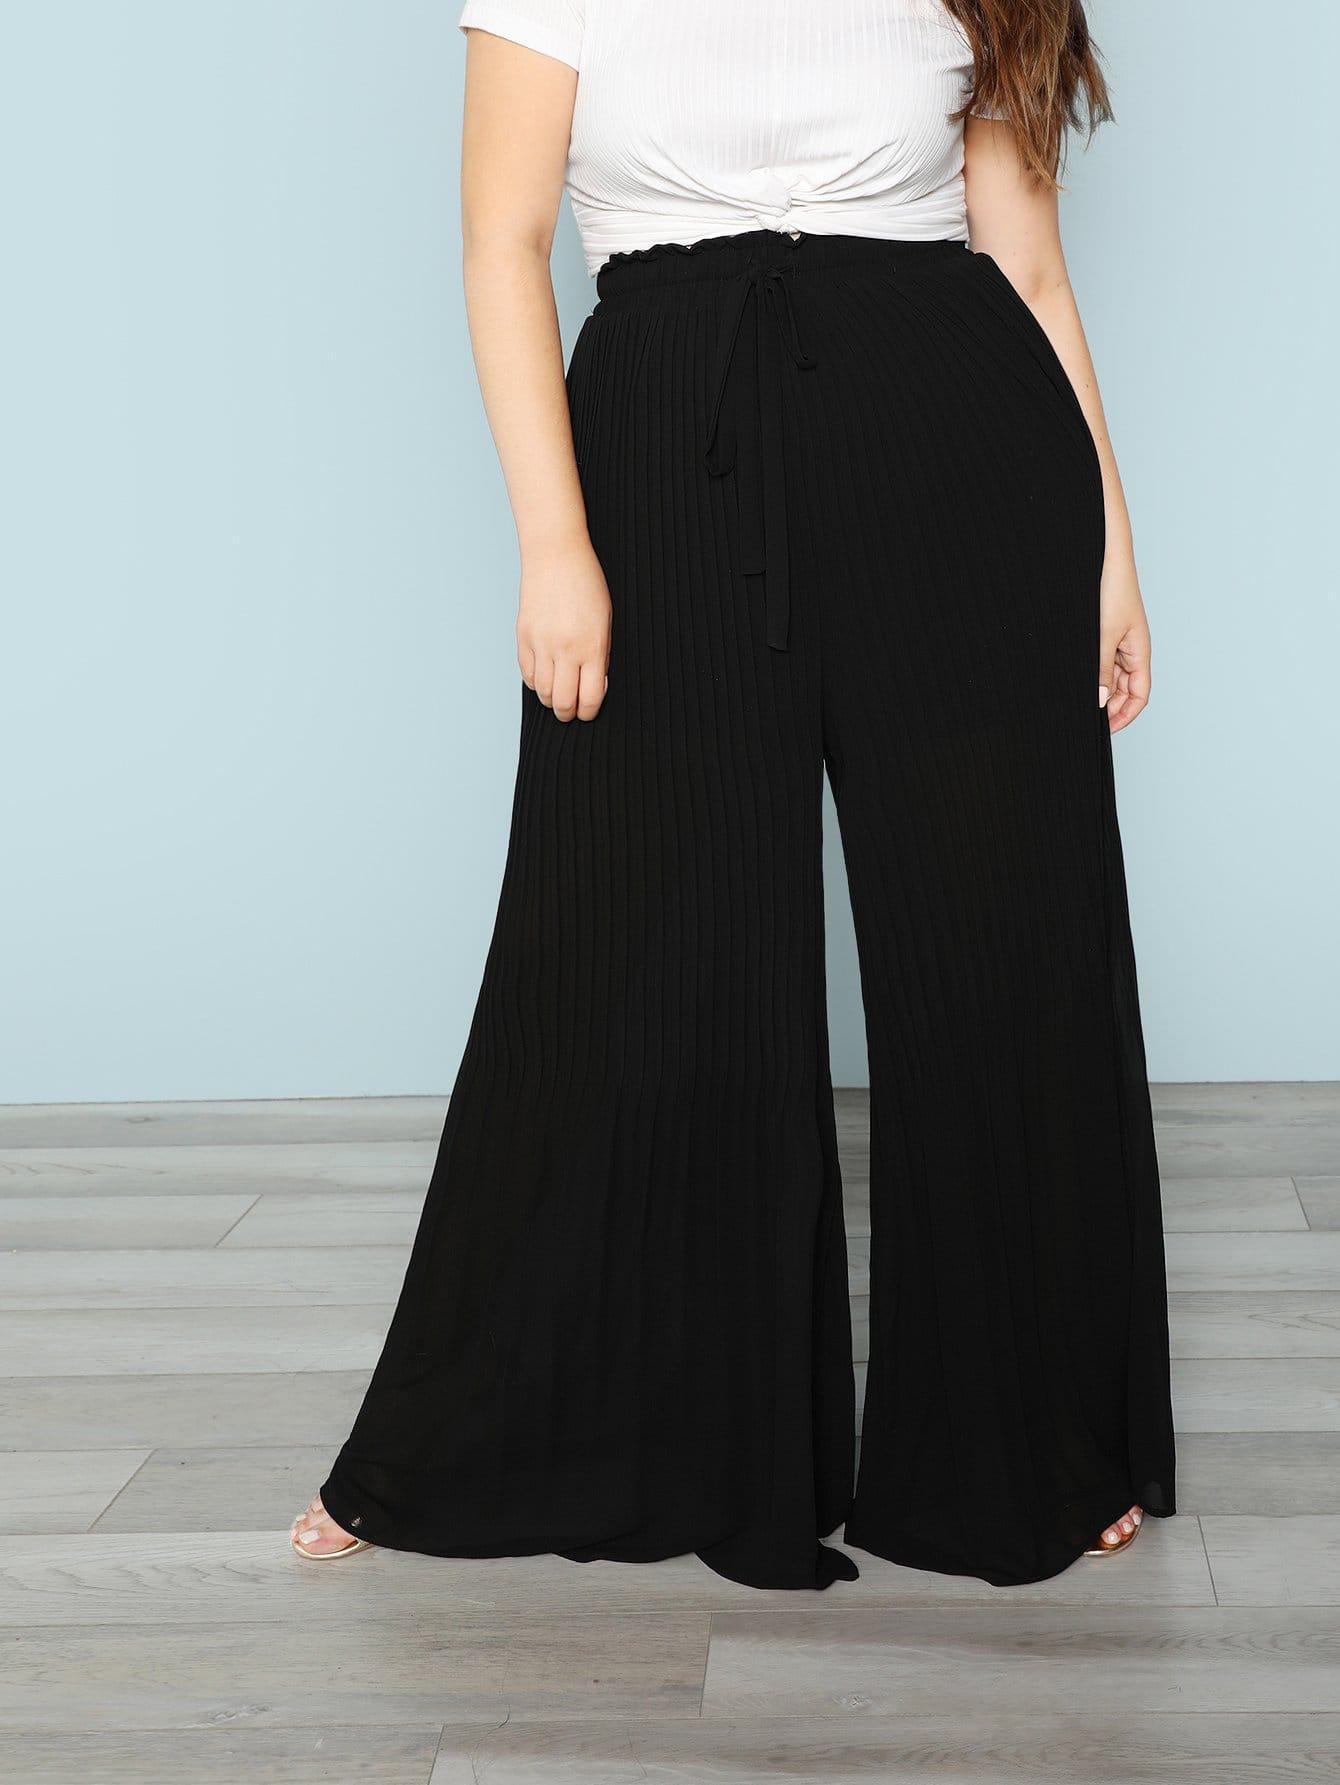 Купить Поясные брюки с широкими ногами, Bree Kish, SheIn